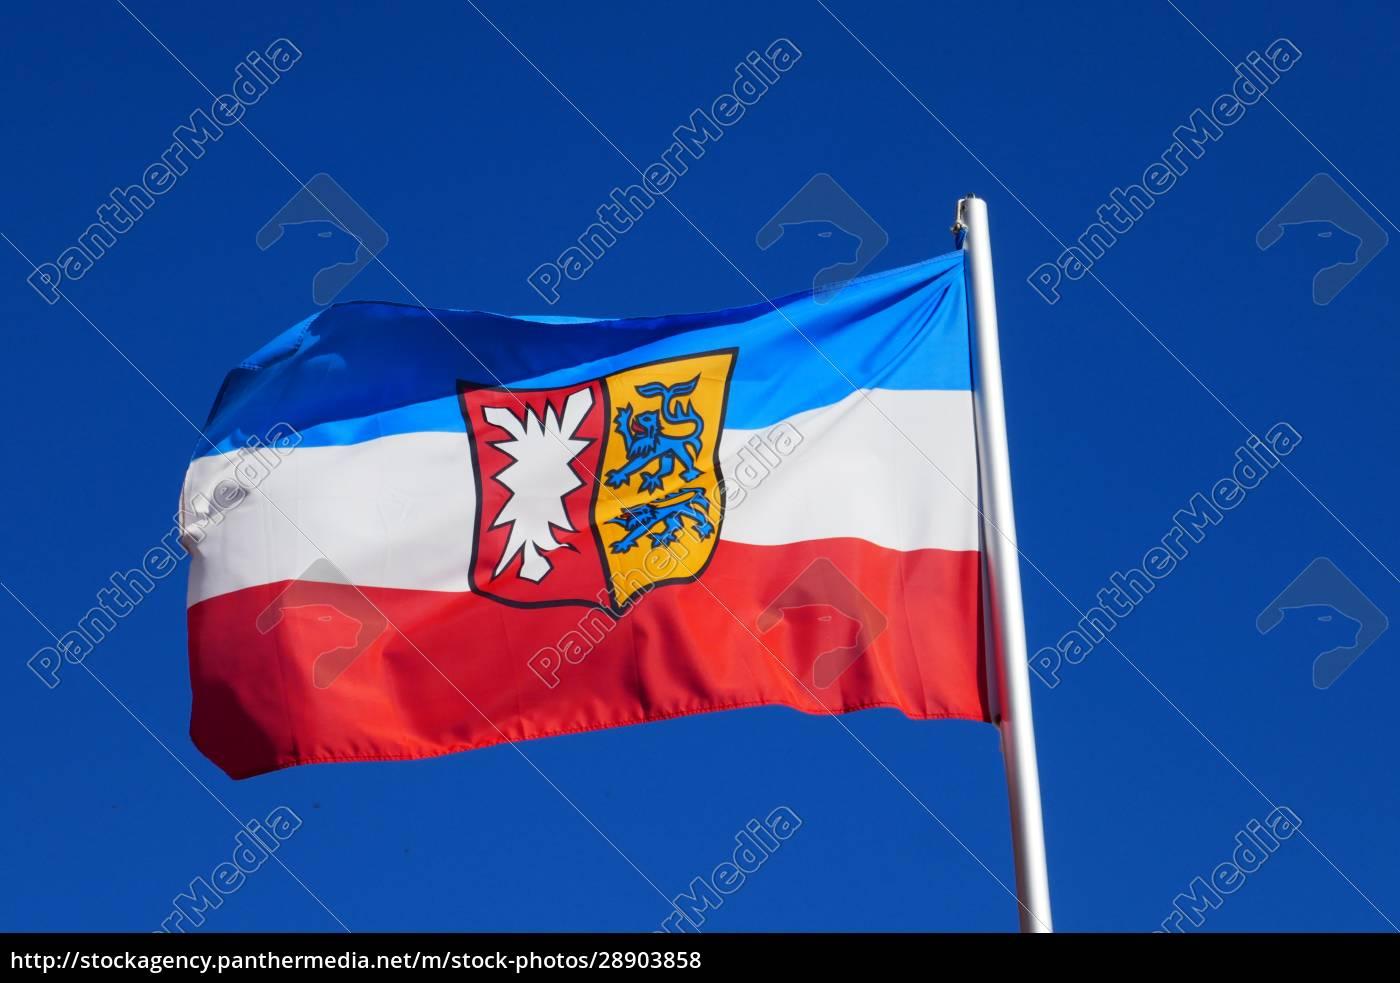 gehisste, flagge, von, schleswig-holstein - 28903858